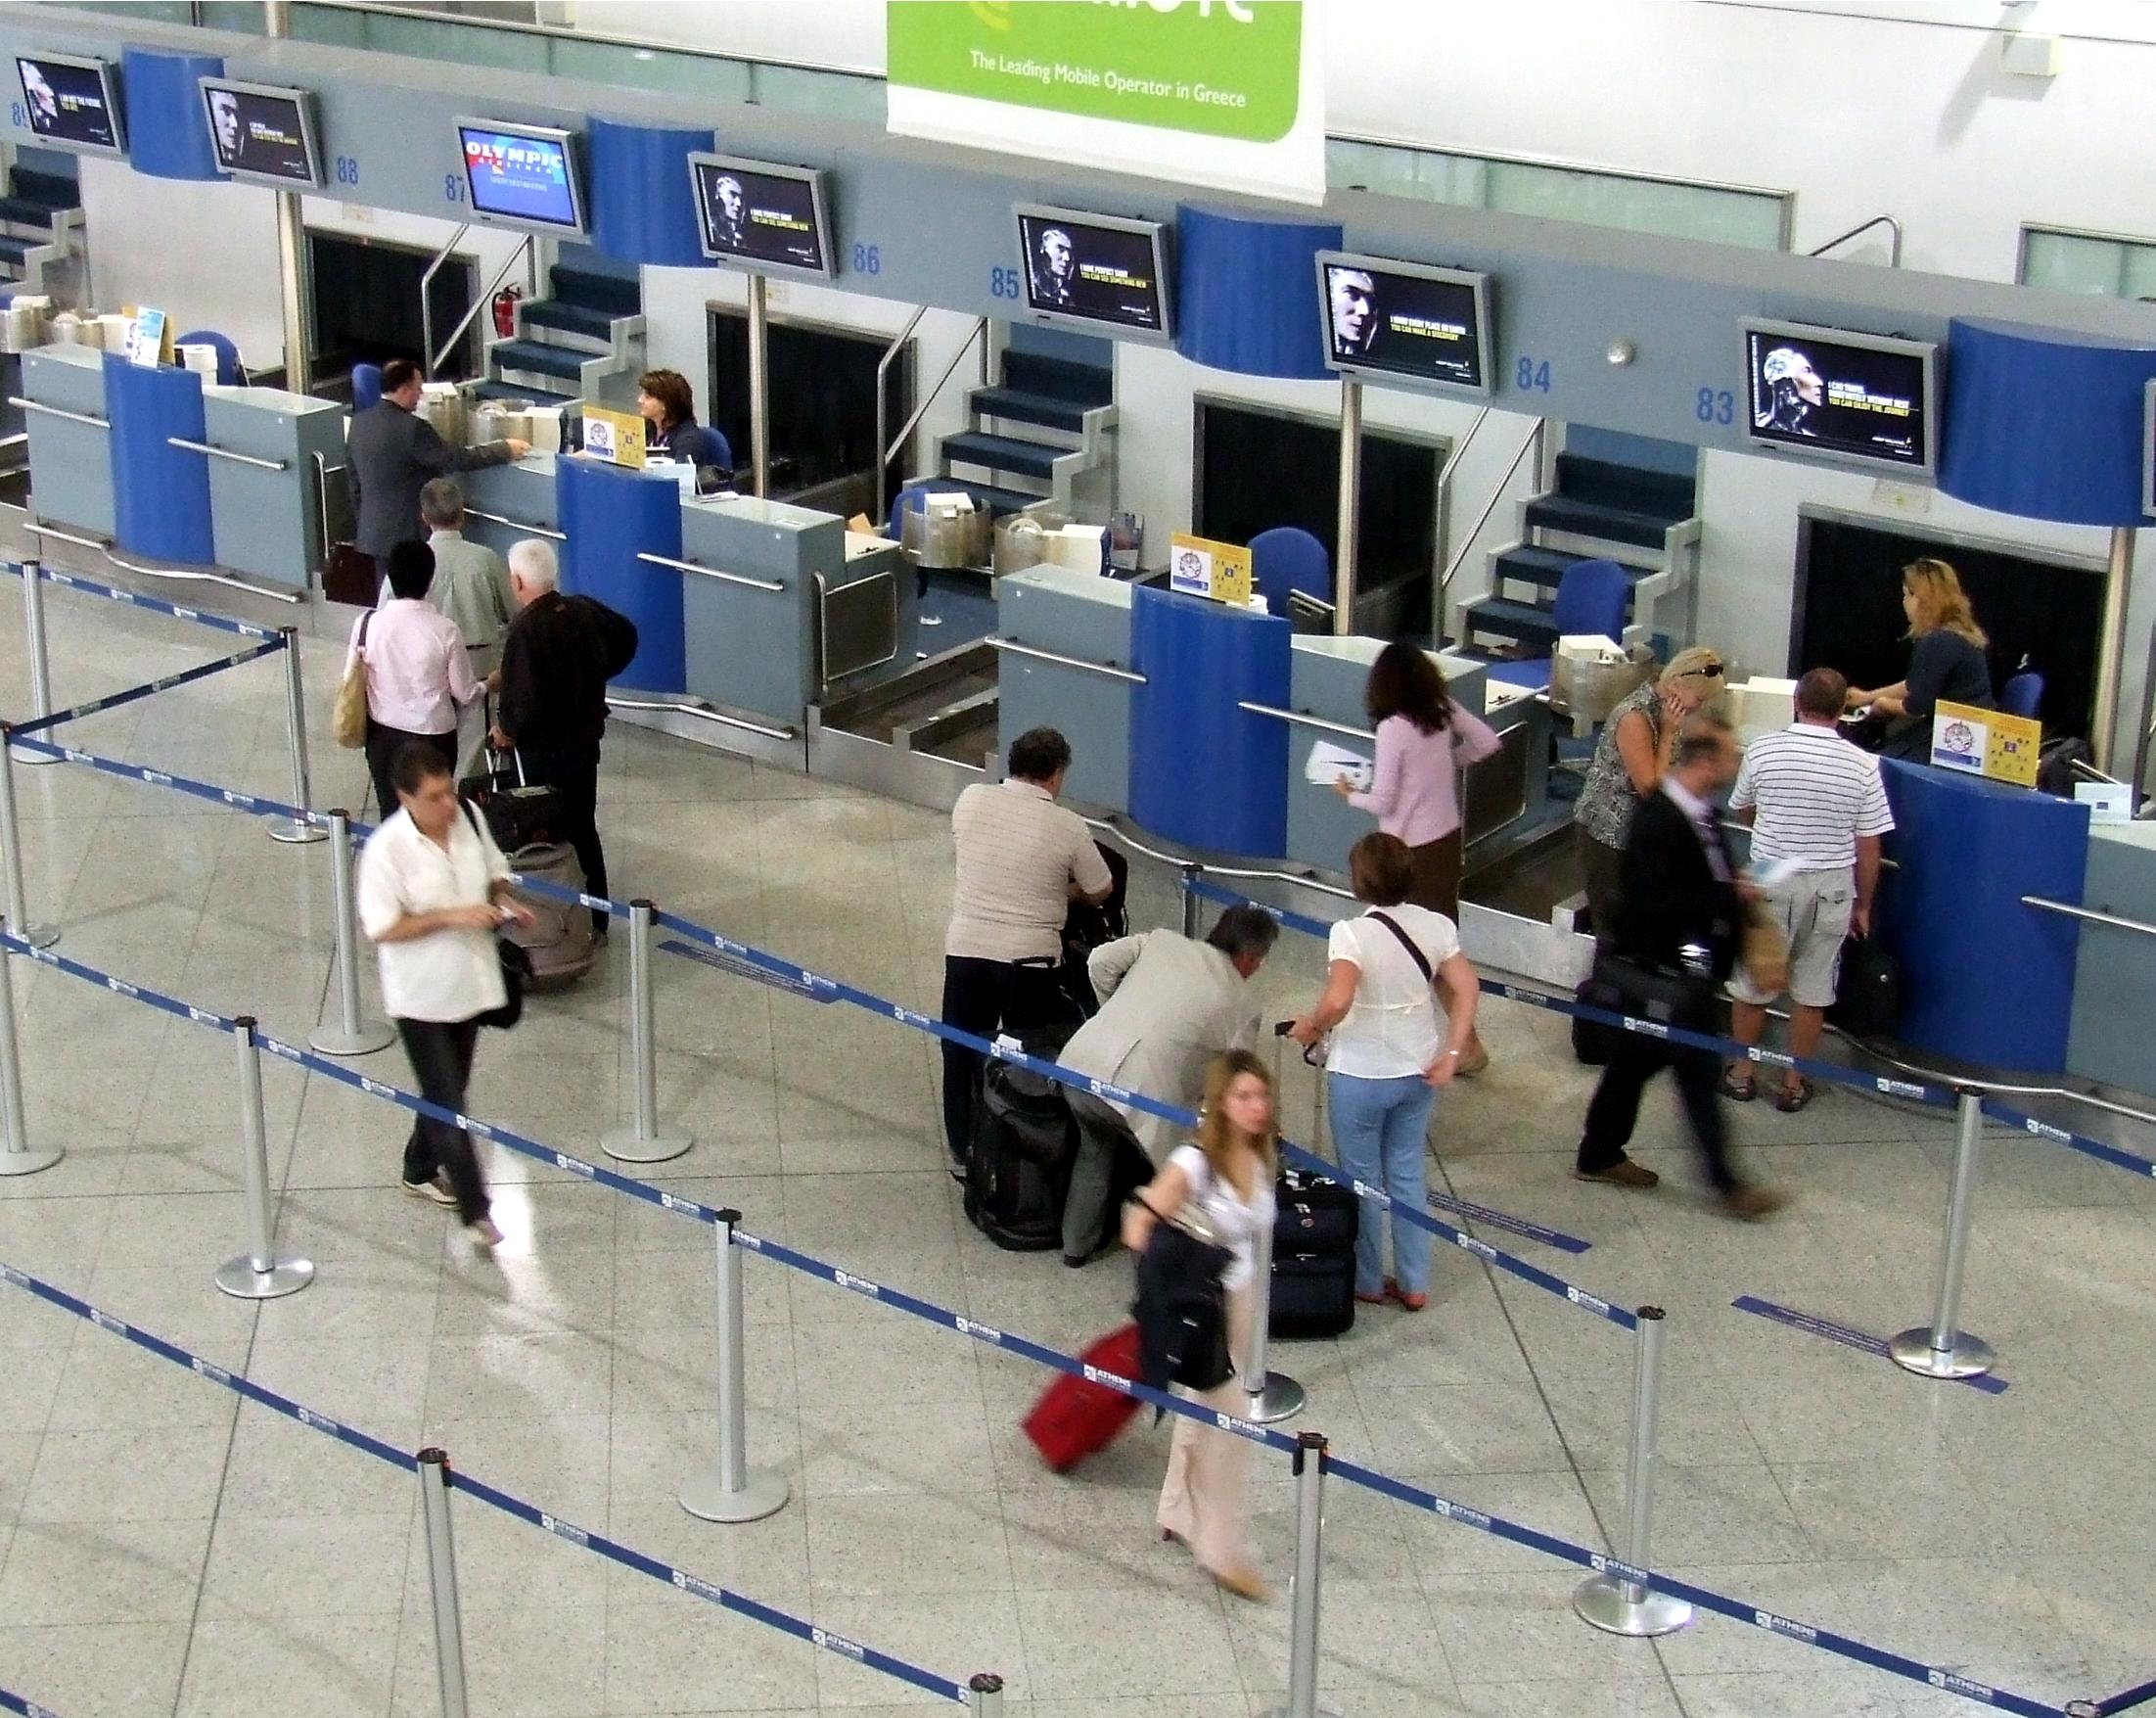 10 Errores al hacer conexión en el aeropuerto